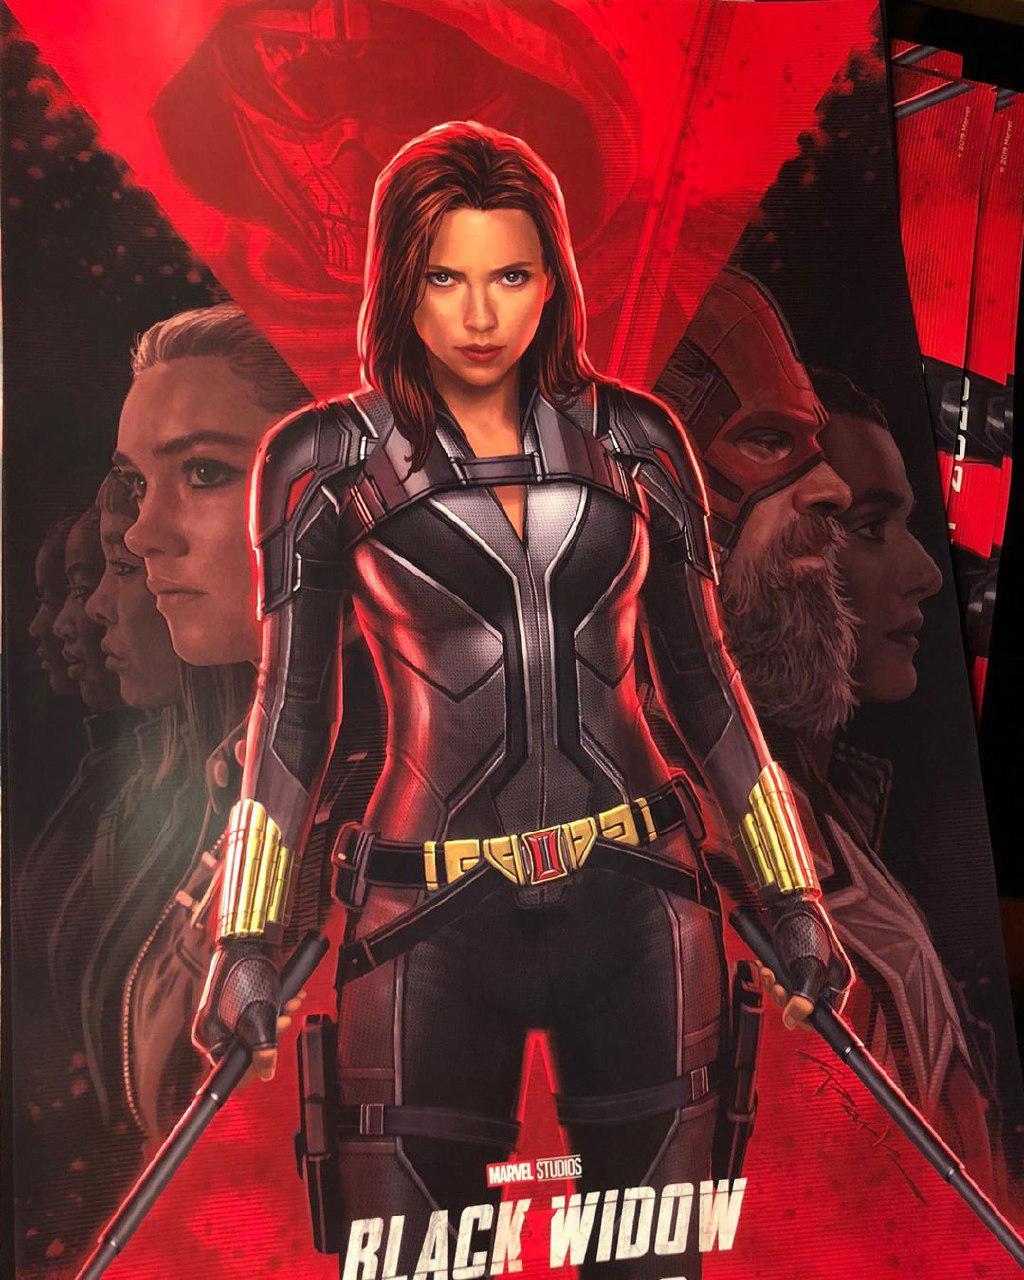 Как выглядят постеры «Черной вдовы» ибудущих сериалов Marvel | Канобу - Изображение 1